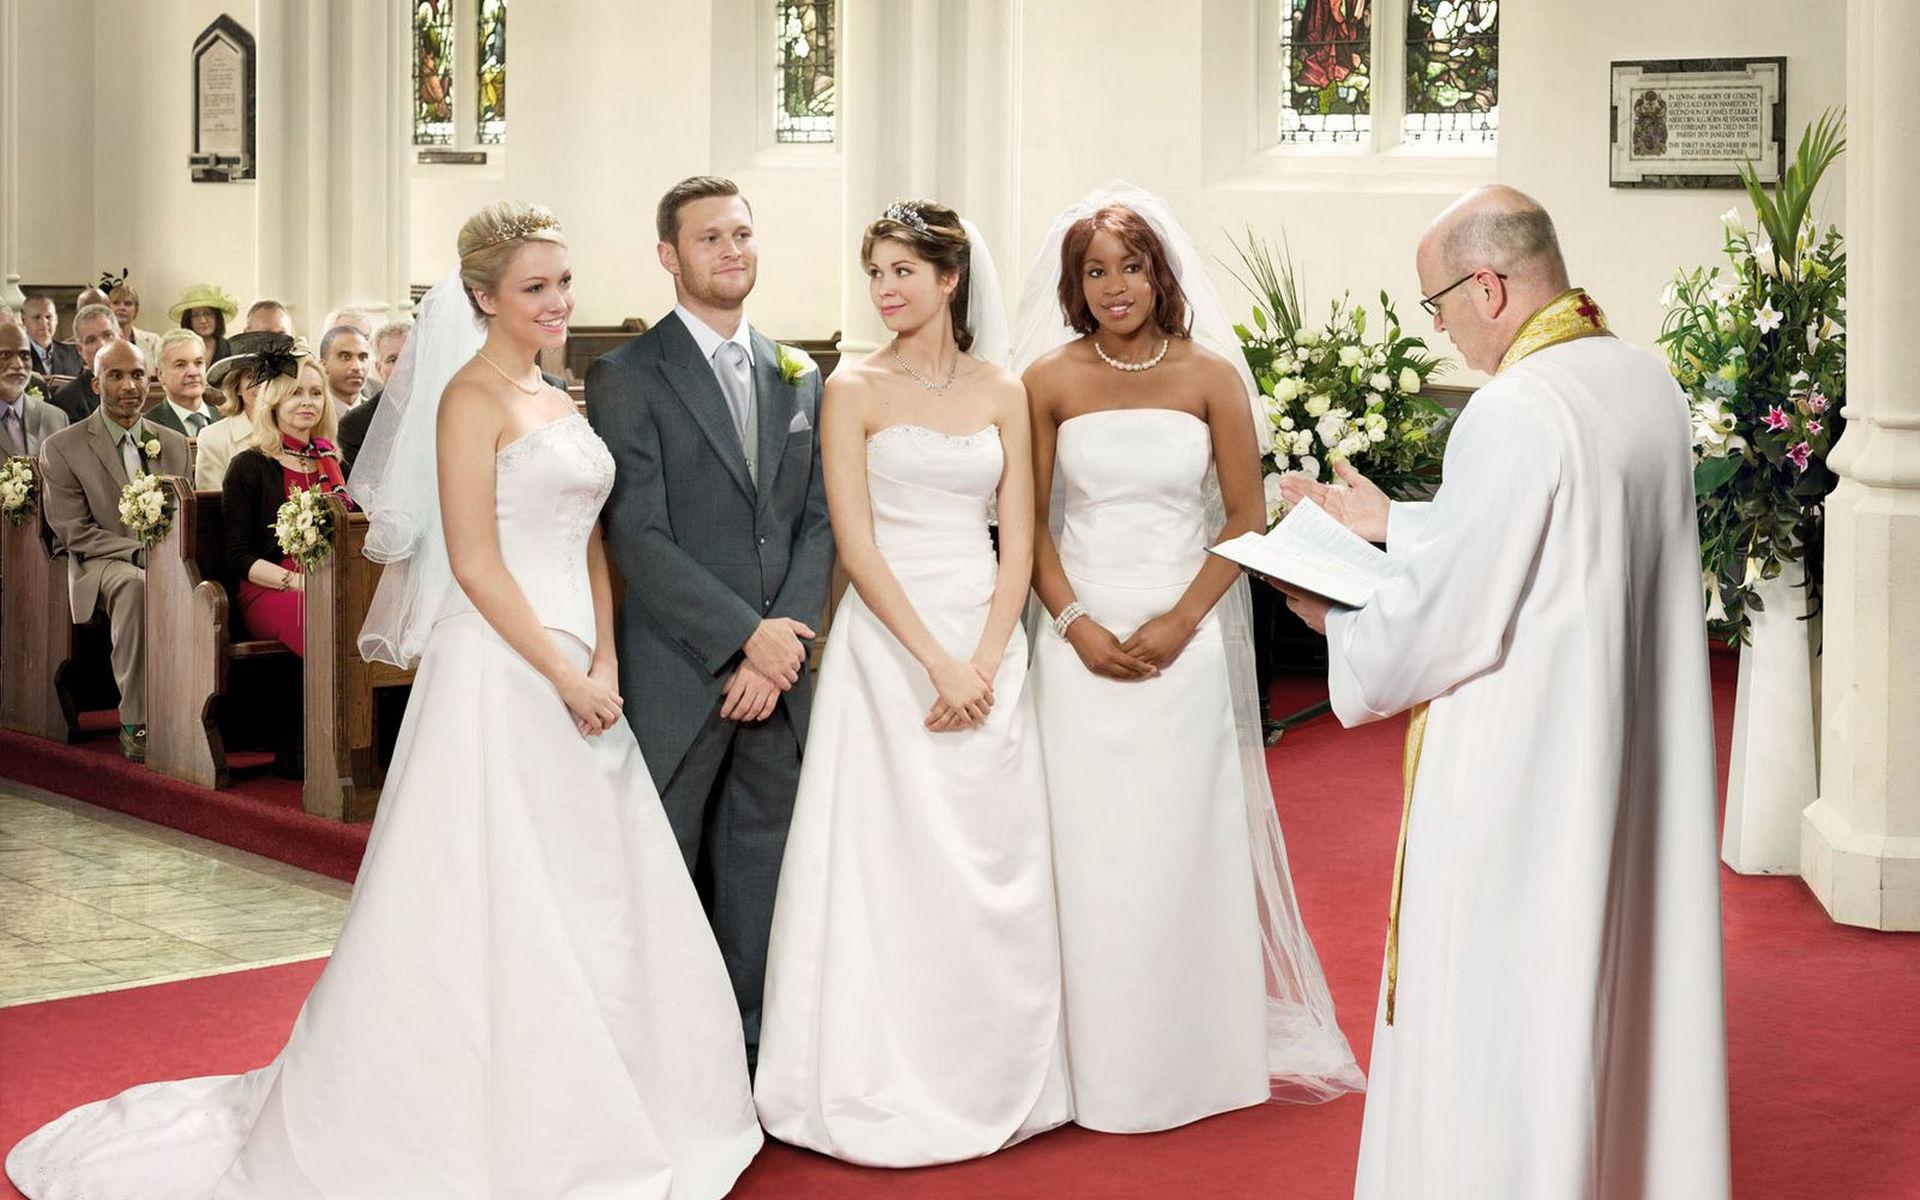 венчание, свадьба, священник